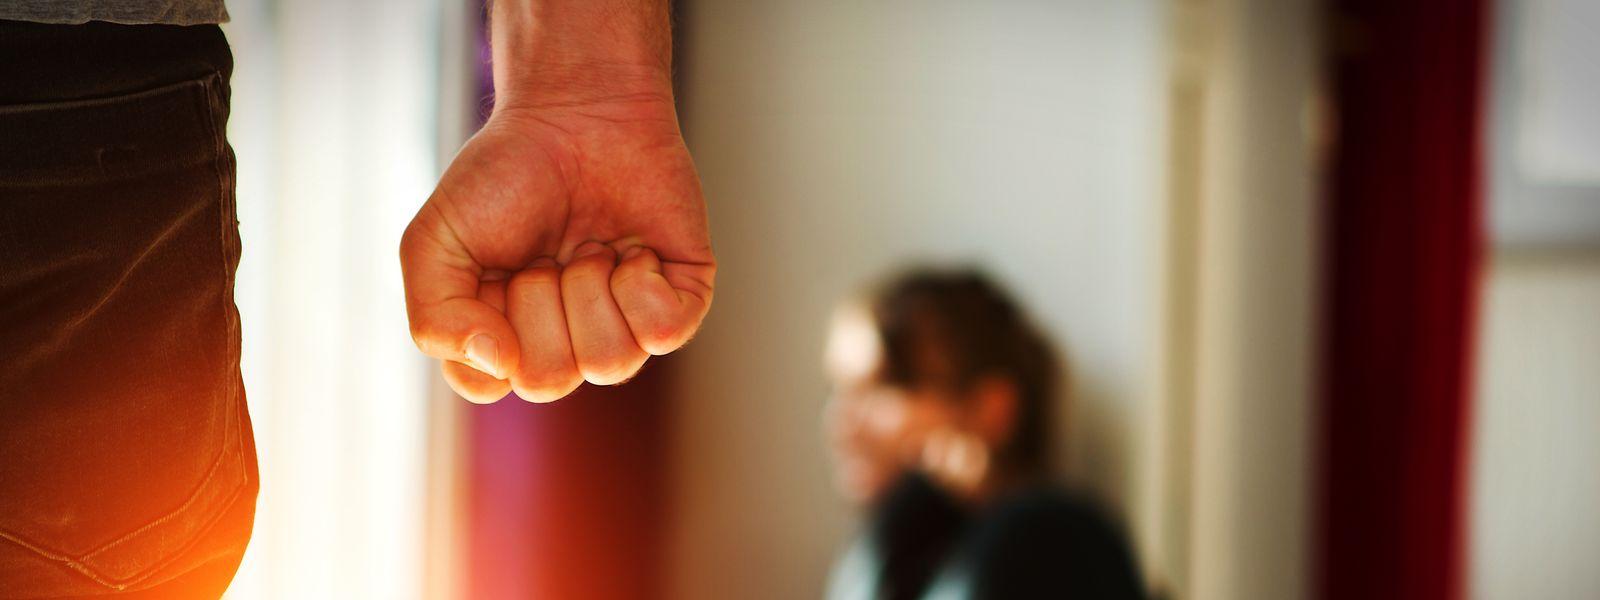 Os casos de violência doméstica aumentaram no espaço de um ano.